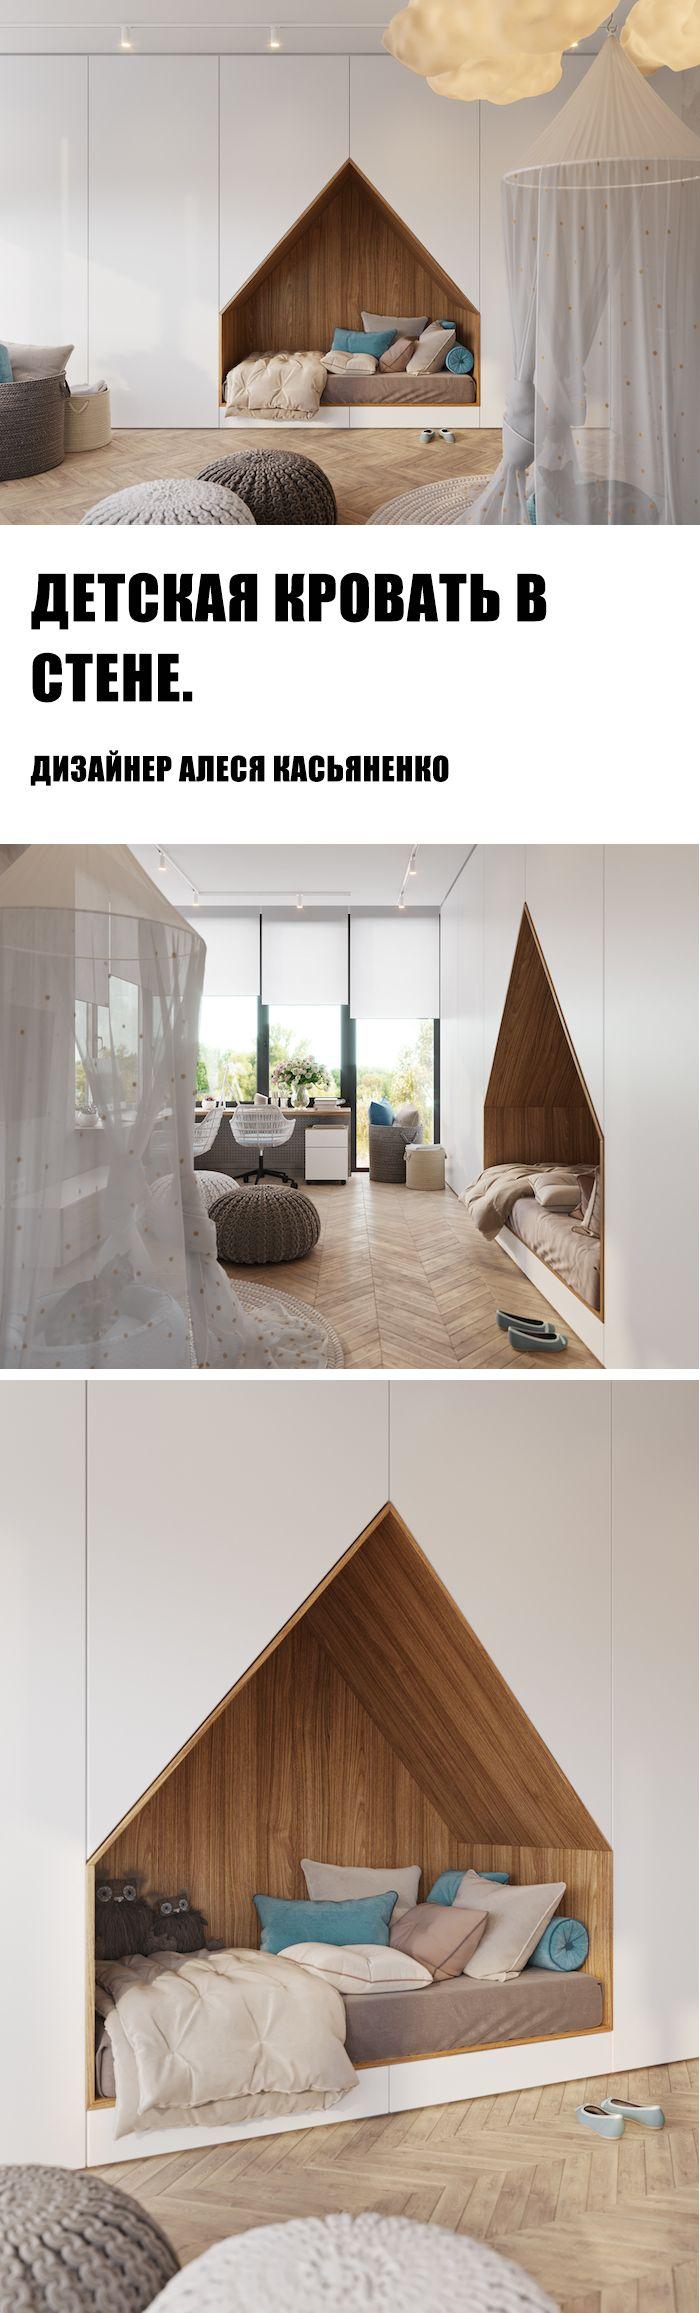 Детская кровать в стене: дизайнер Алеся Касьяненко. Проект COZY KIDS ROOM